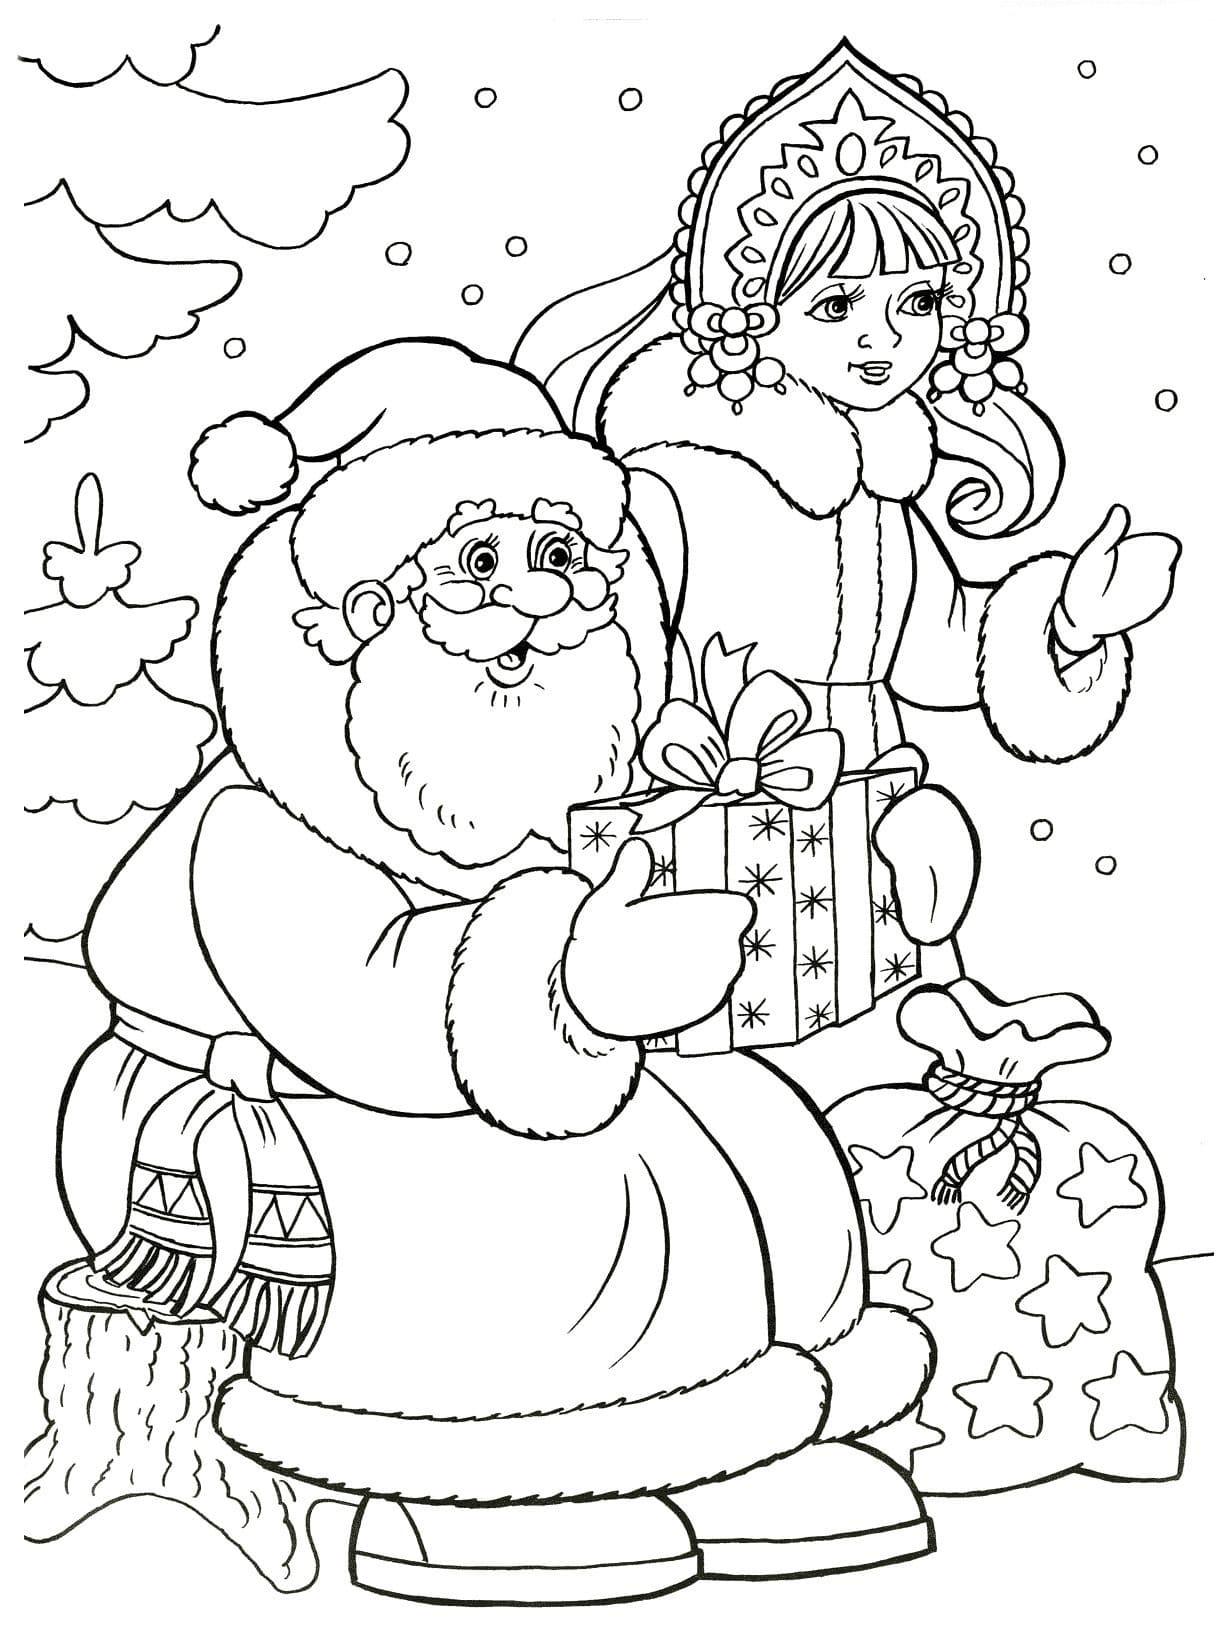 раскраска дед мороз и снегурочка распечатать